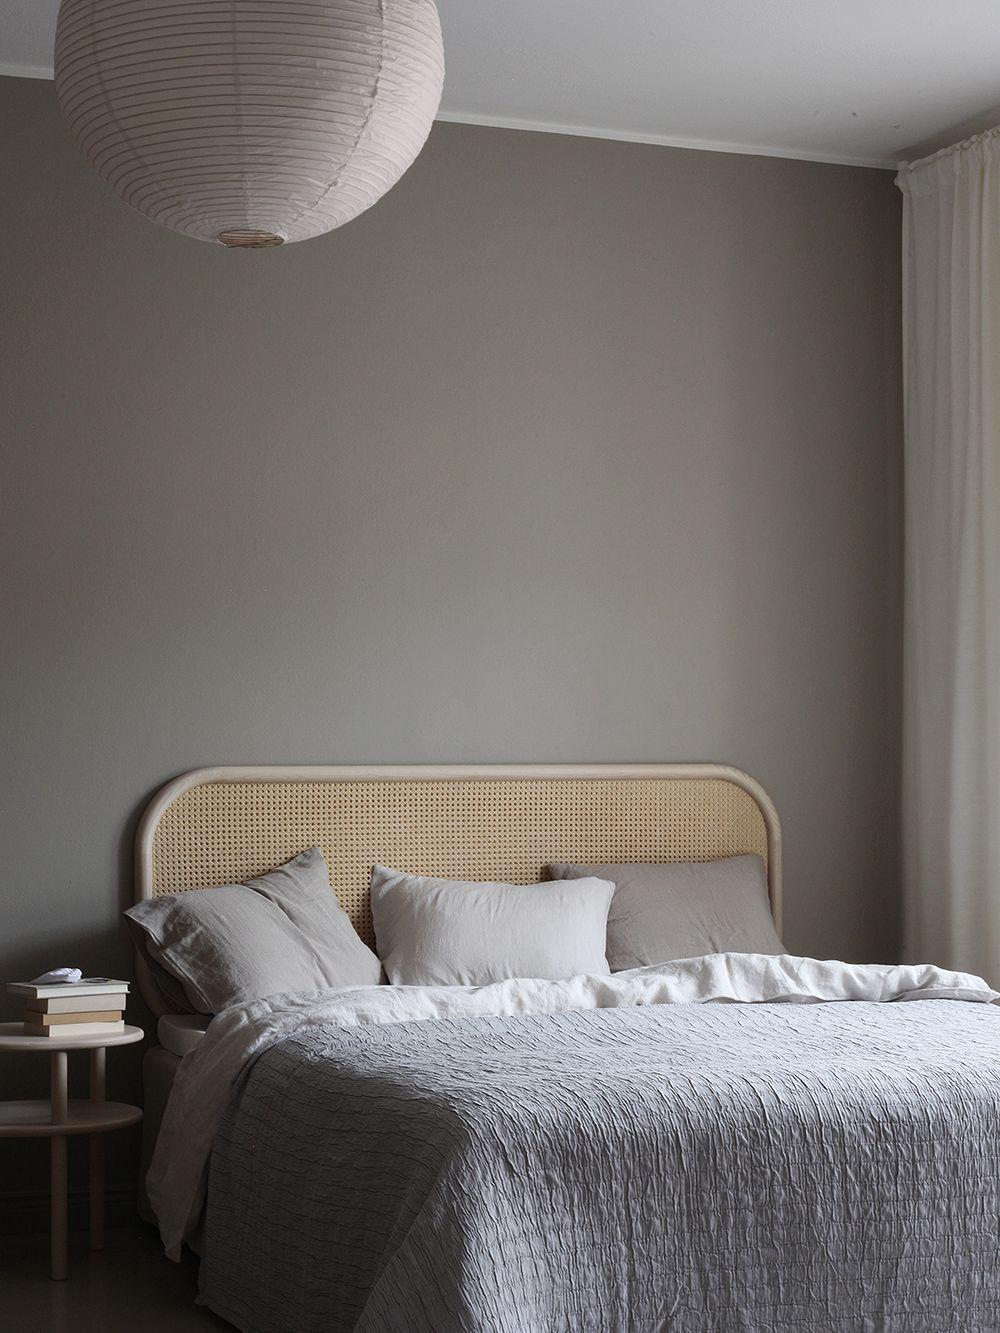 Riisipaperivalaisin ja Matrin rottinkinen sängynpääty makuuhuoneessa.